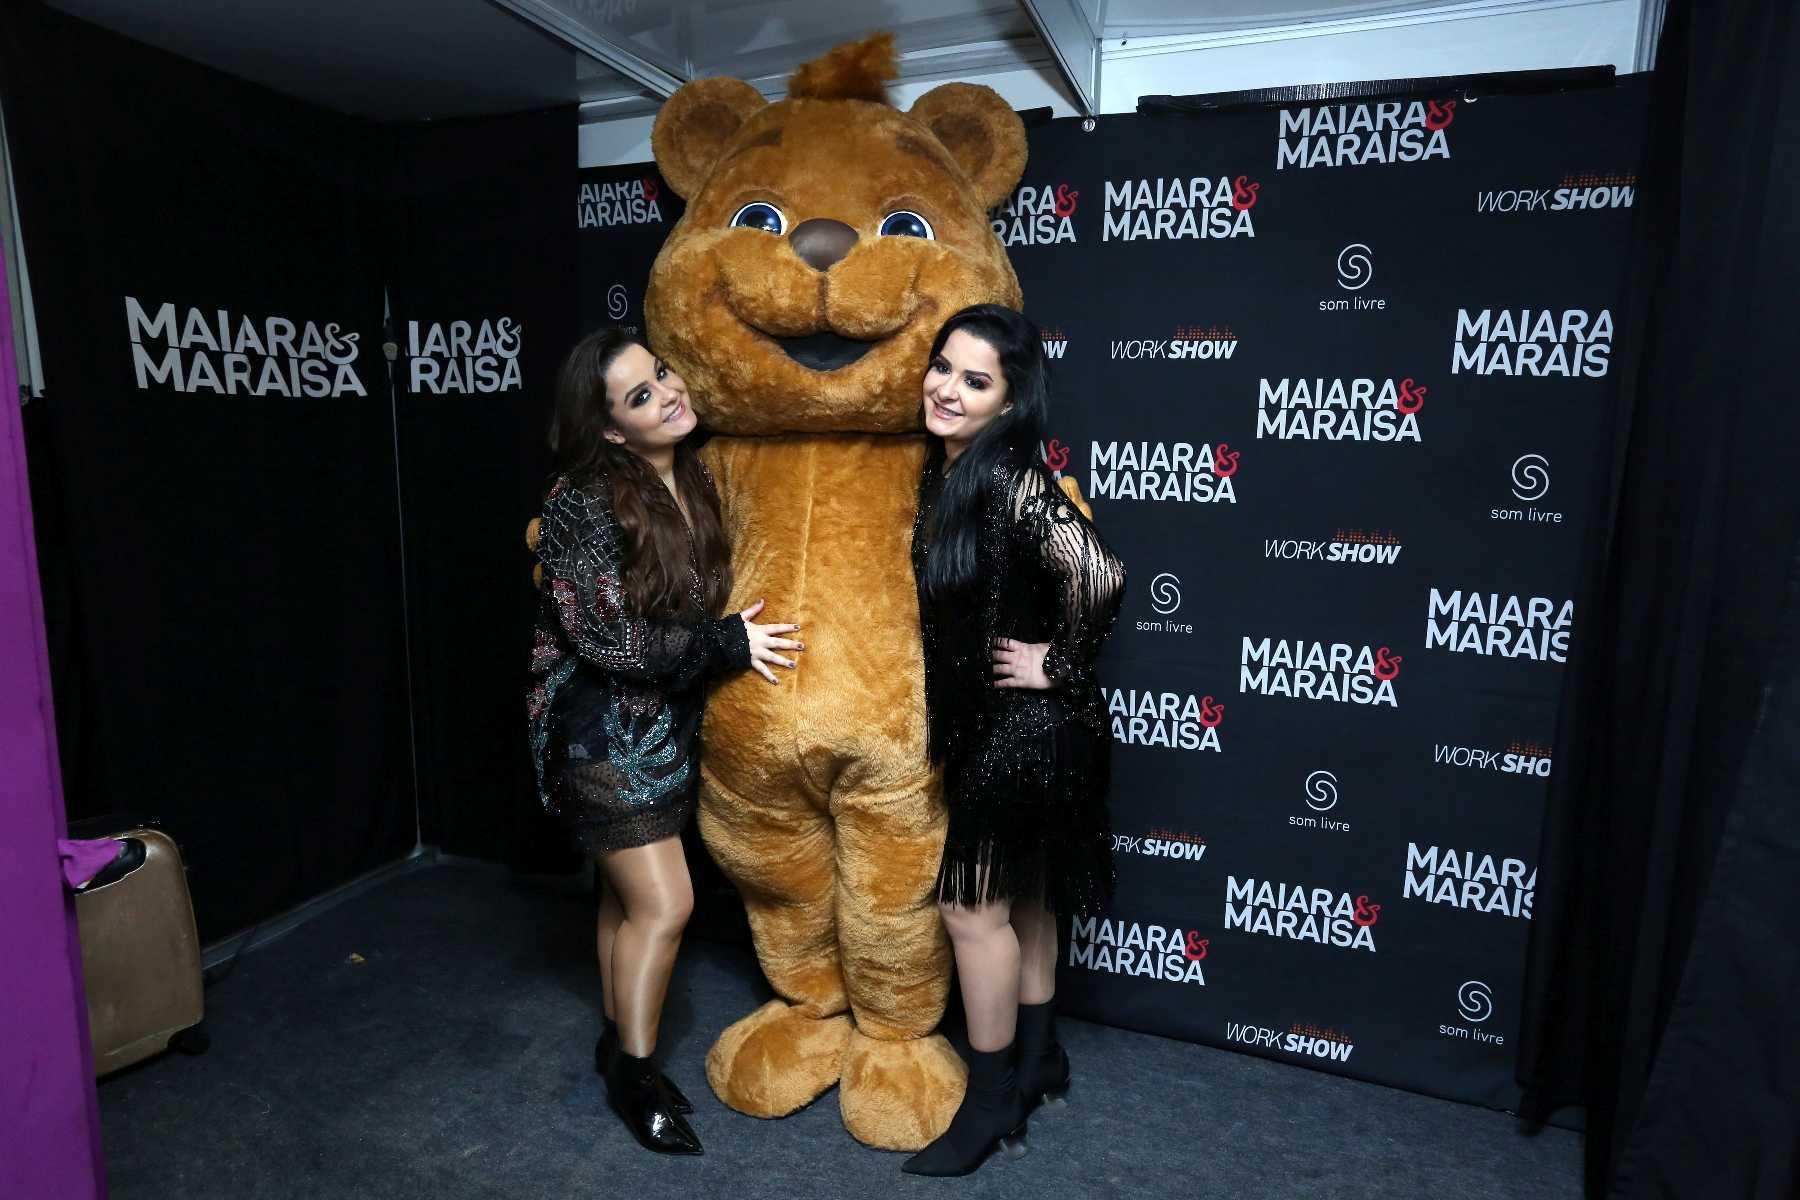 Maiara e Maraísa fazem show com urso misterioso no Rio de Janeiro 41